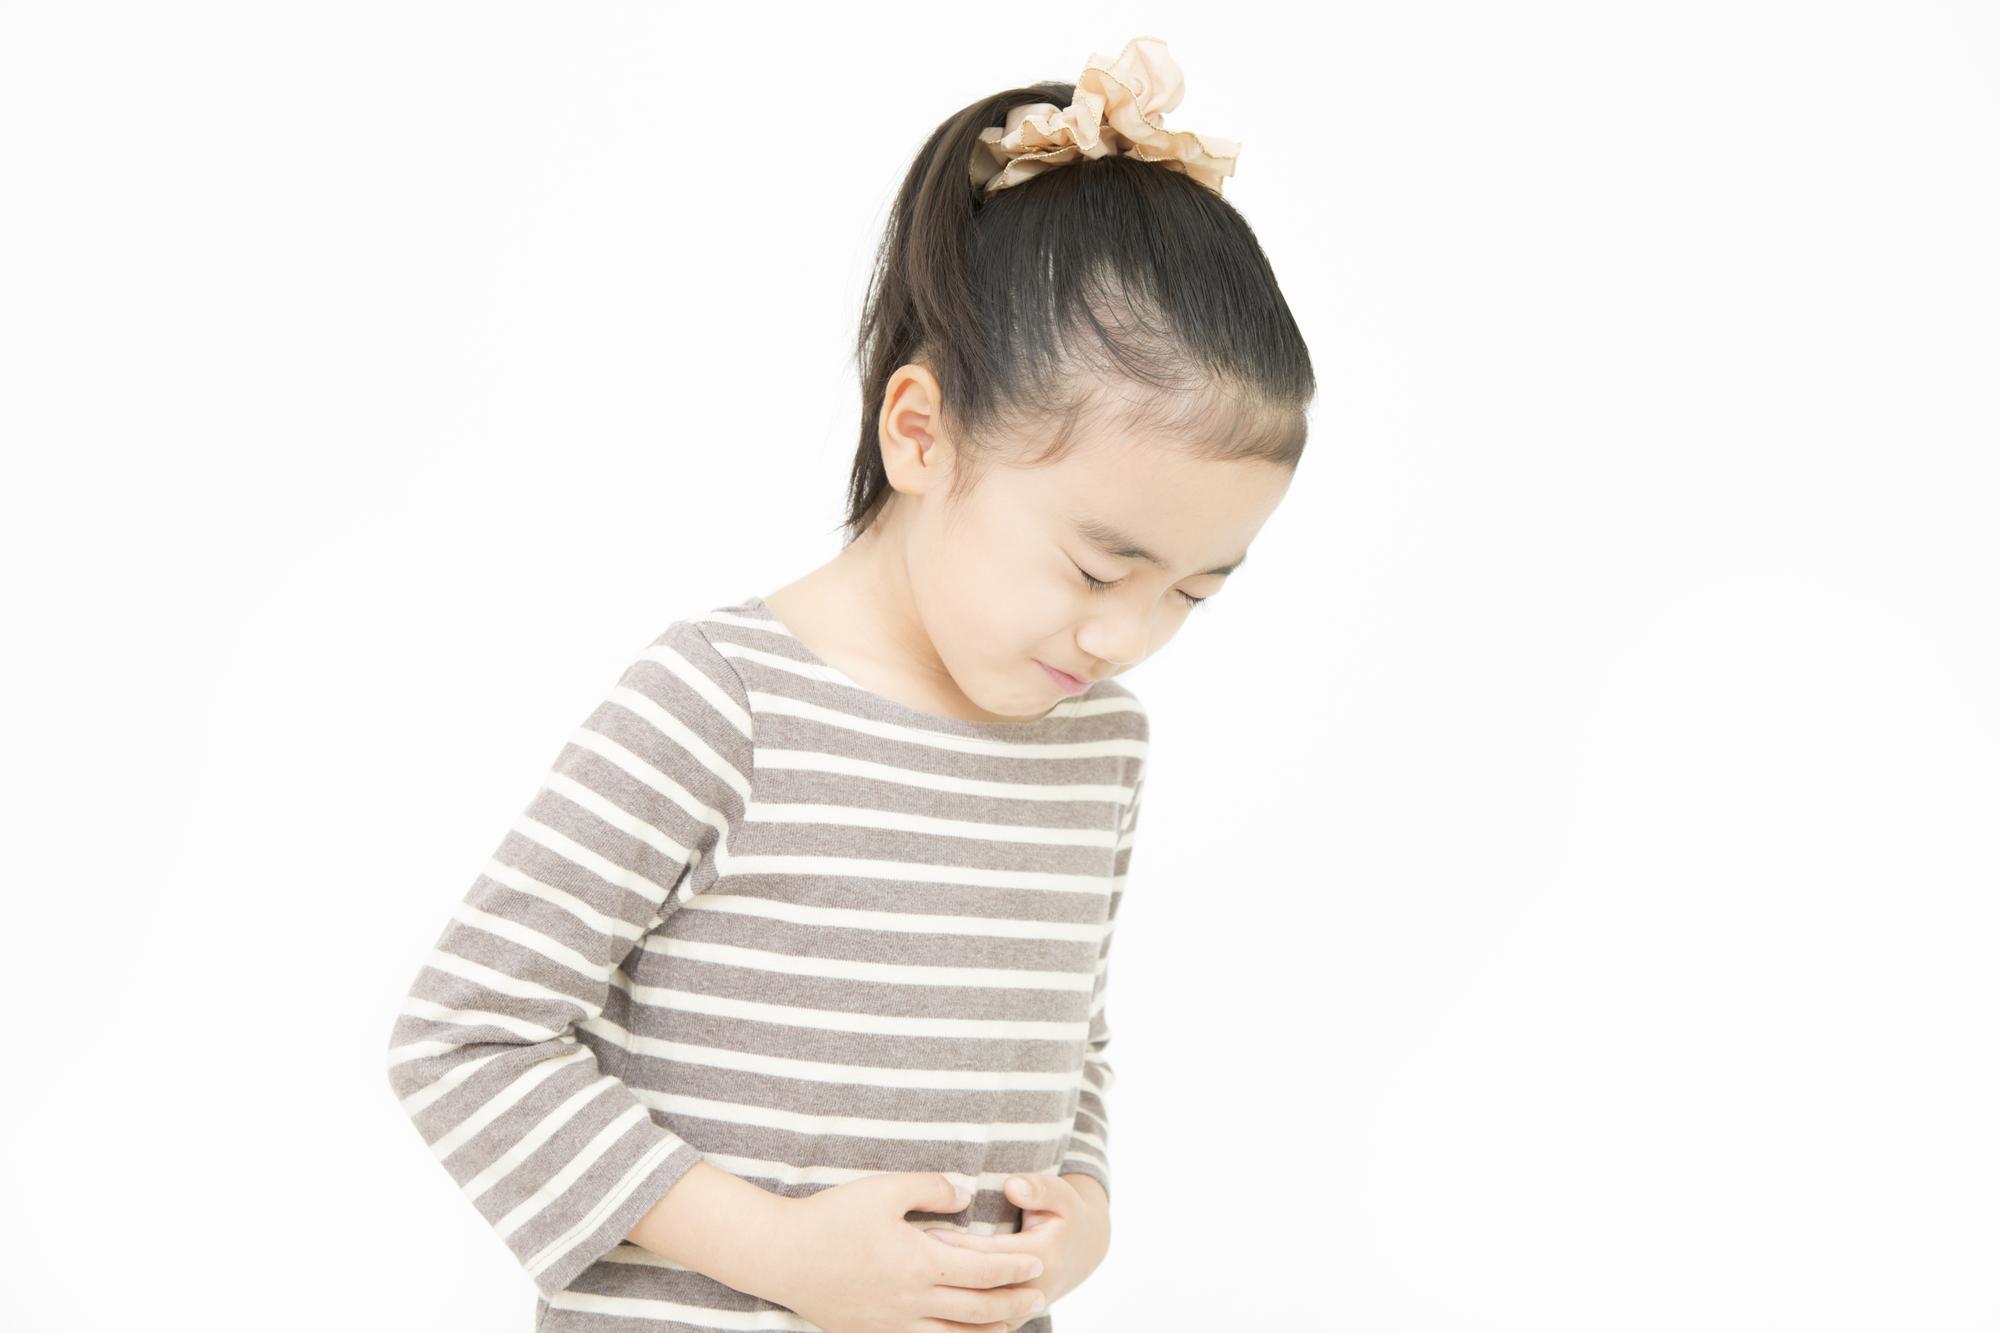 子供の腹痛 ストレス